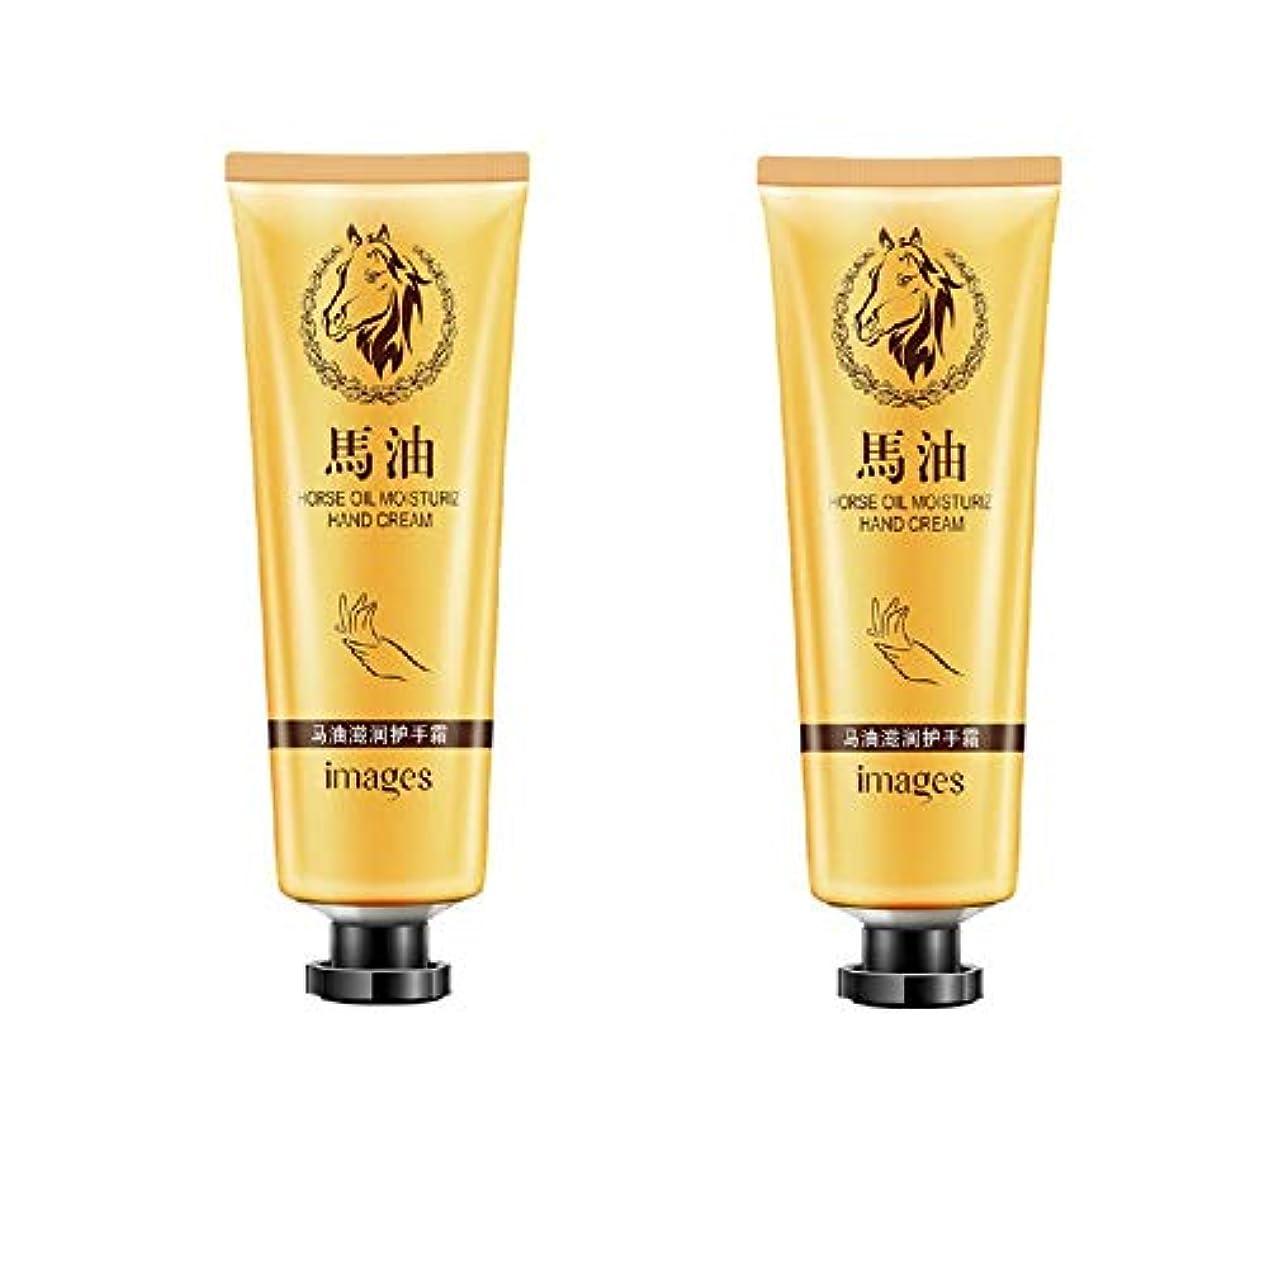 別れるピッチ偽物Ruier-tong 馬油ハンドクリーム お得2本セット インテンスリペア ハンドクリーム &ボディローション 皮膚があかぎれ防止 ハンドクリーム 手肌用保湿 濃厚な保湿力 低刺激 超乾燥肌用 30g